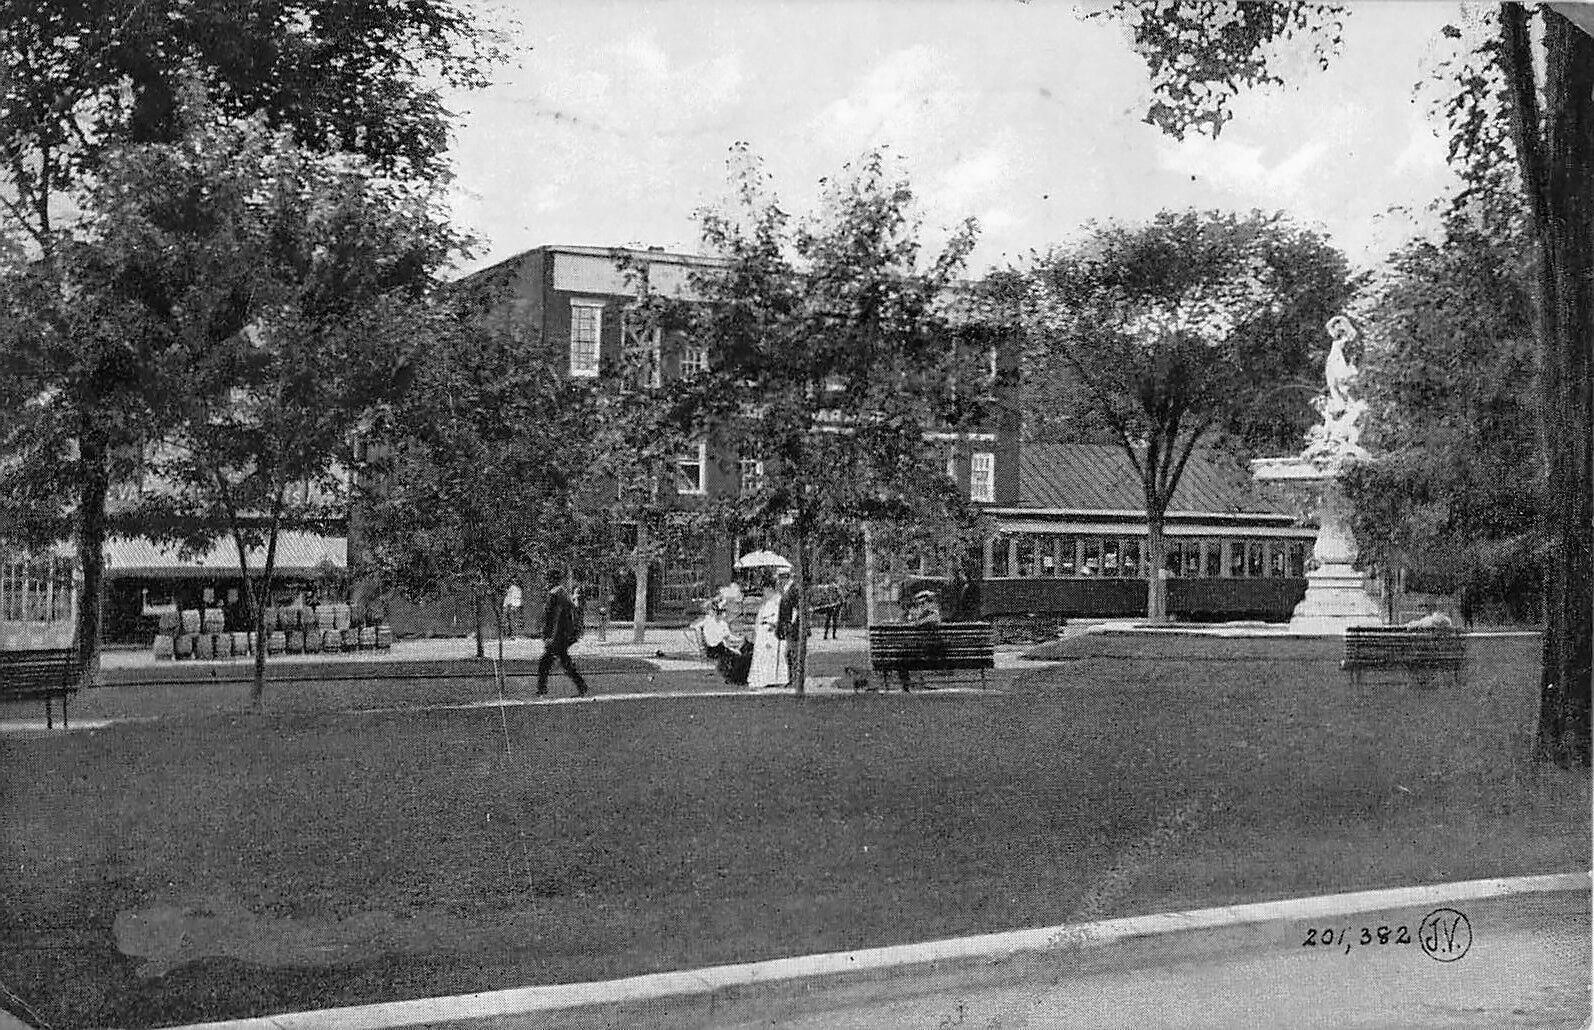 City-Square-Hudson-NY-Columbia-County-1907